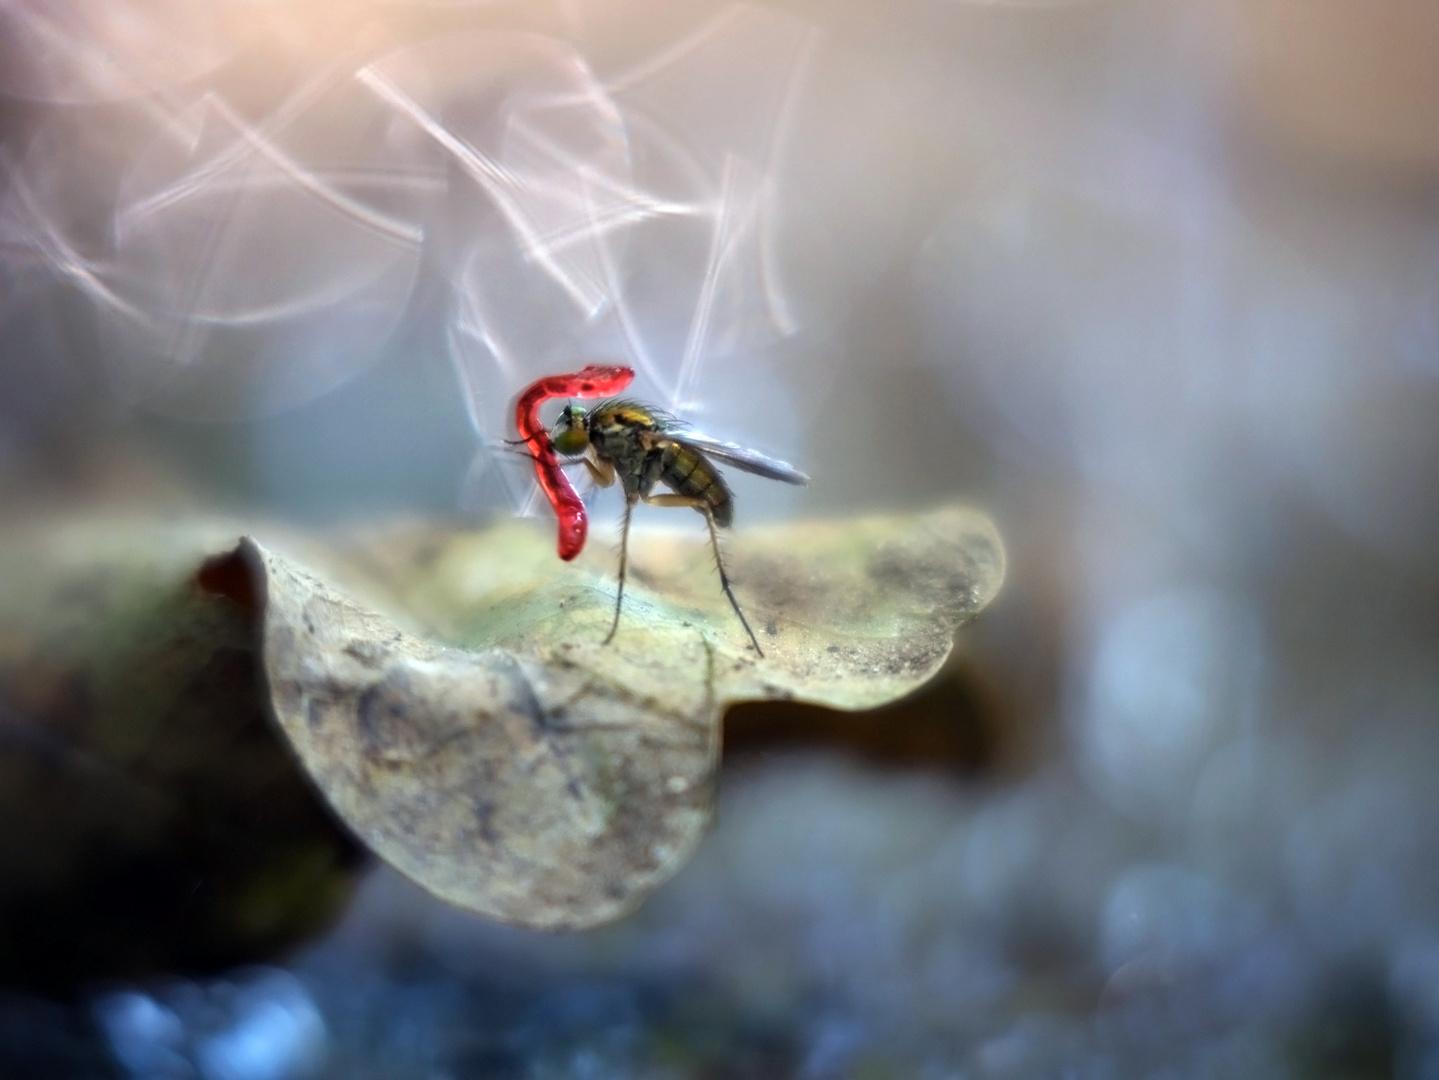 Mückenlarve zum Mittag